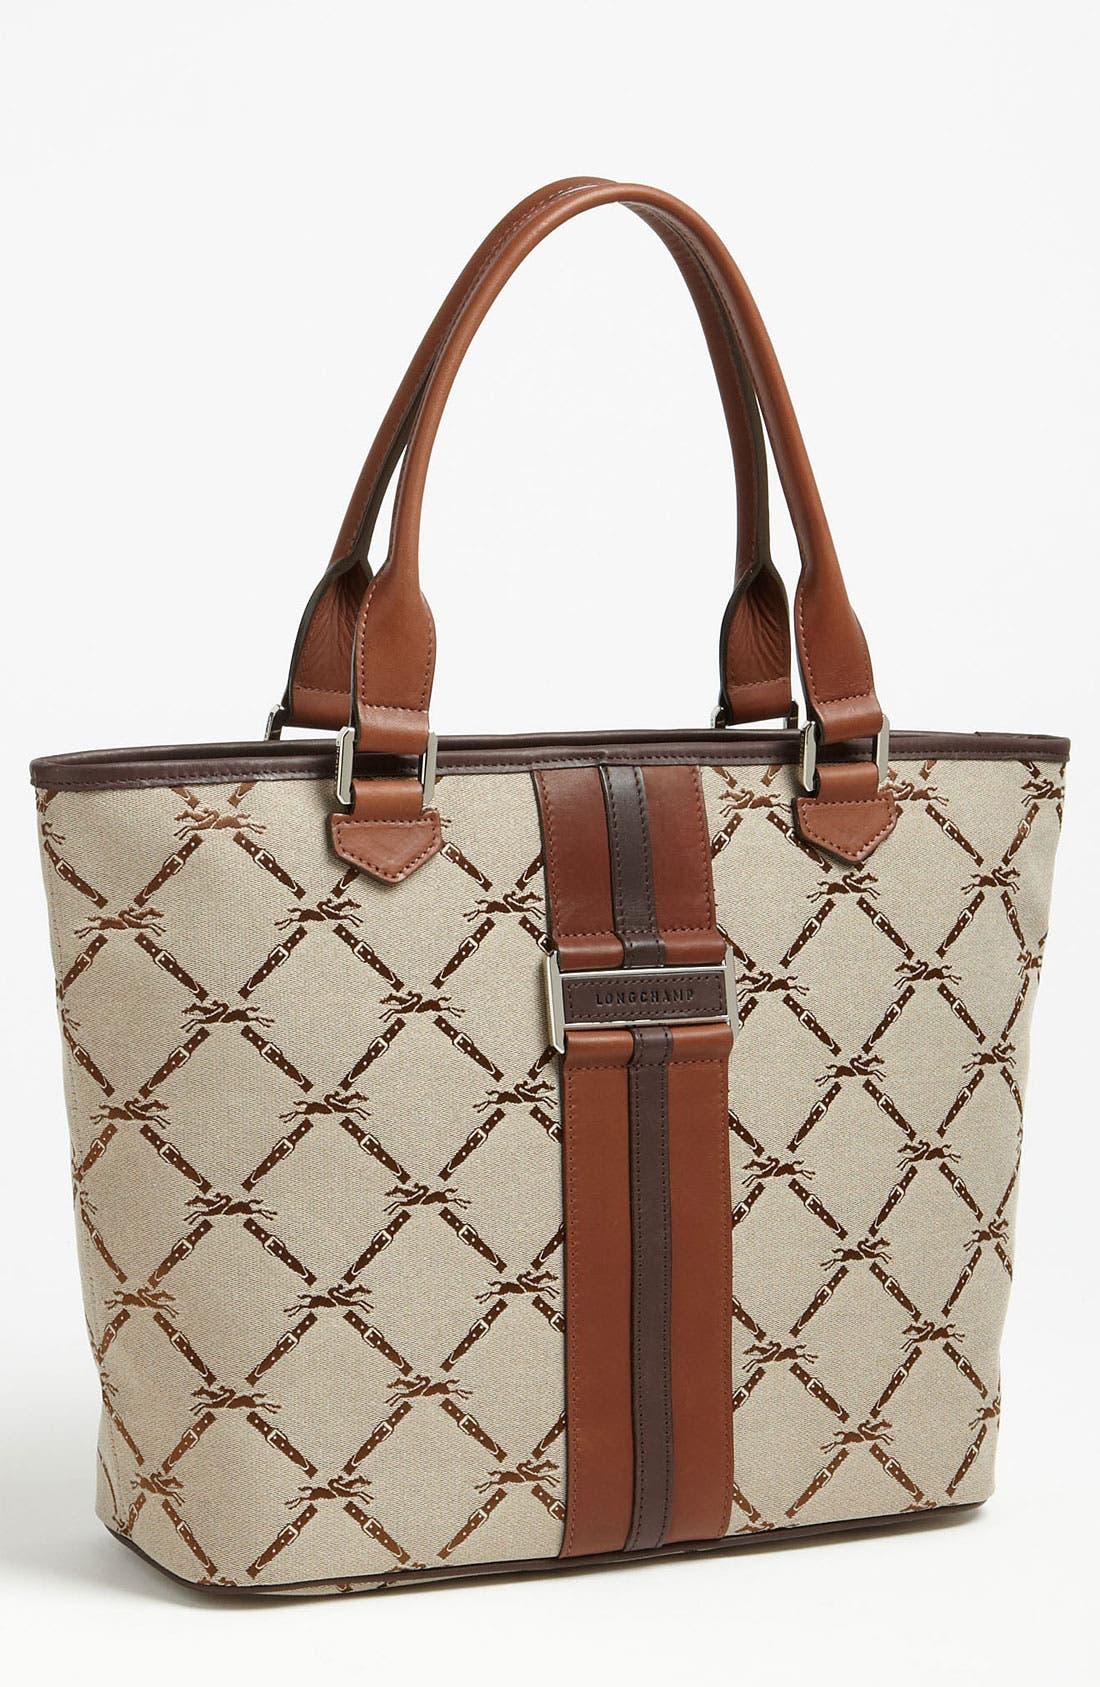 Alternate Image 1 Selected - Longchamp 'LM Jacquard' Shoulder Bag